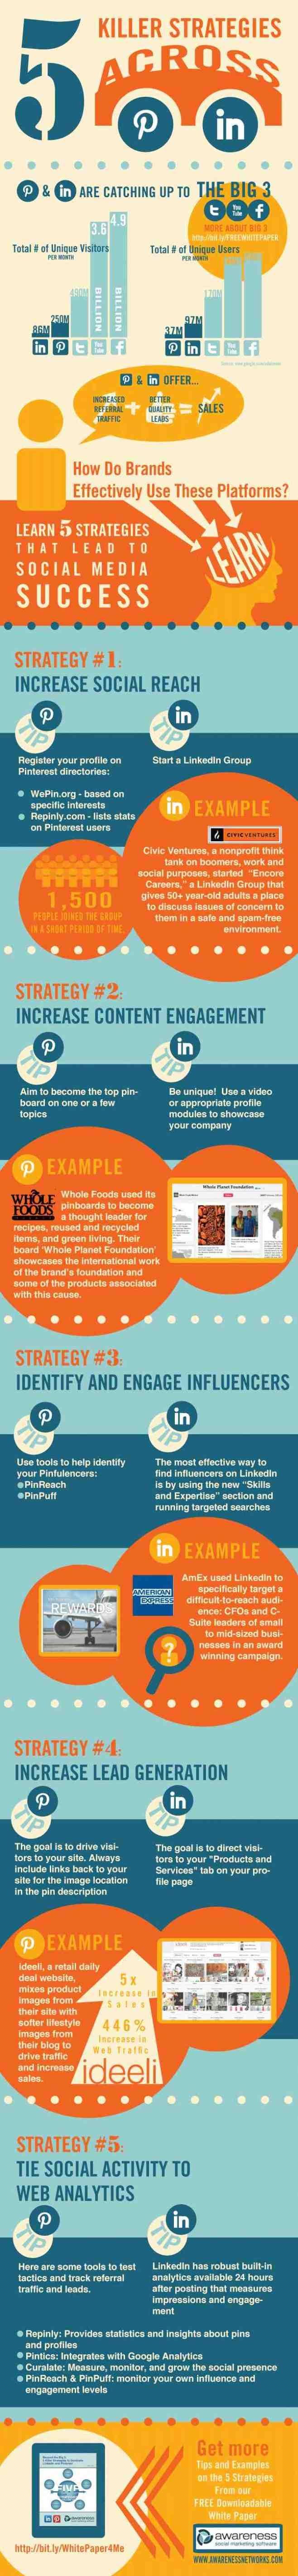 5 killer strategies across @Pinterest and #Linkedin. #infografia #infographic